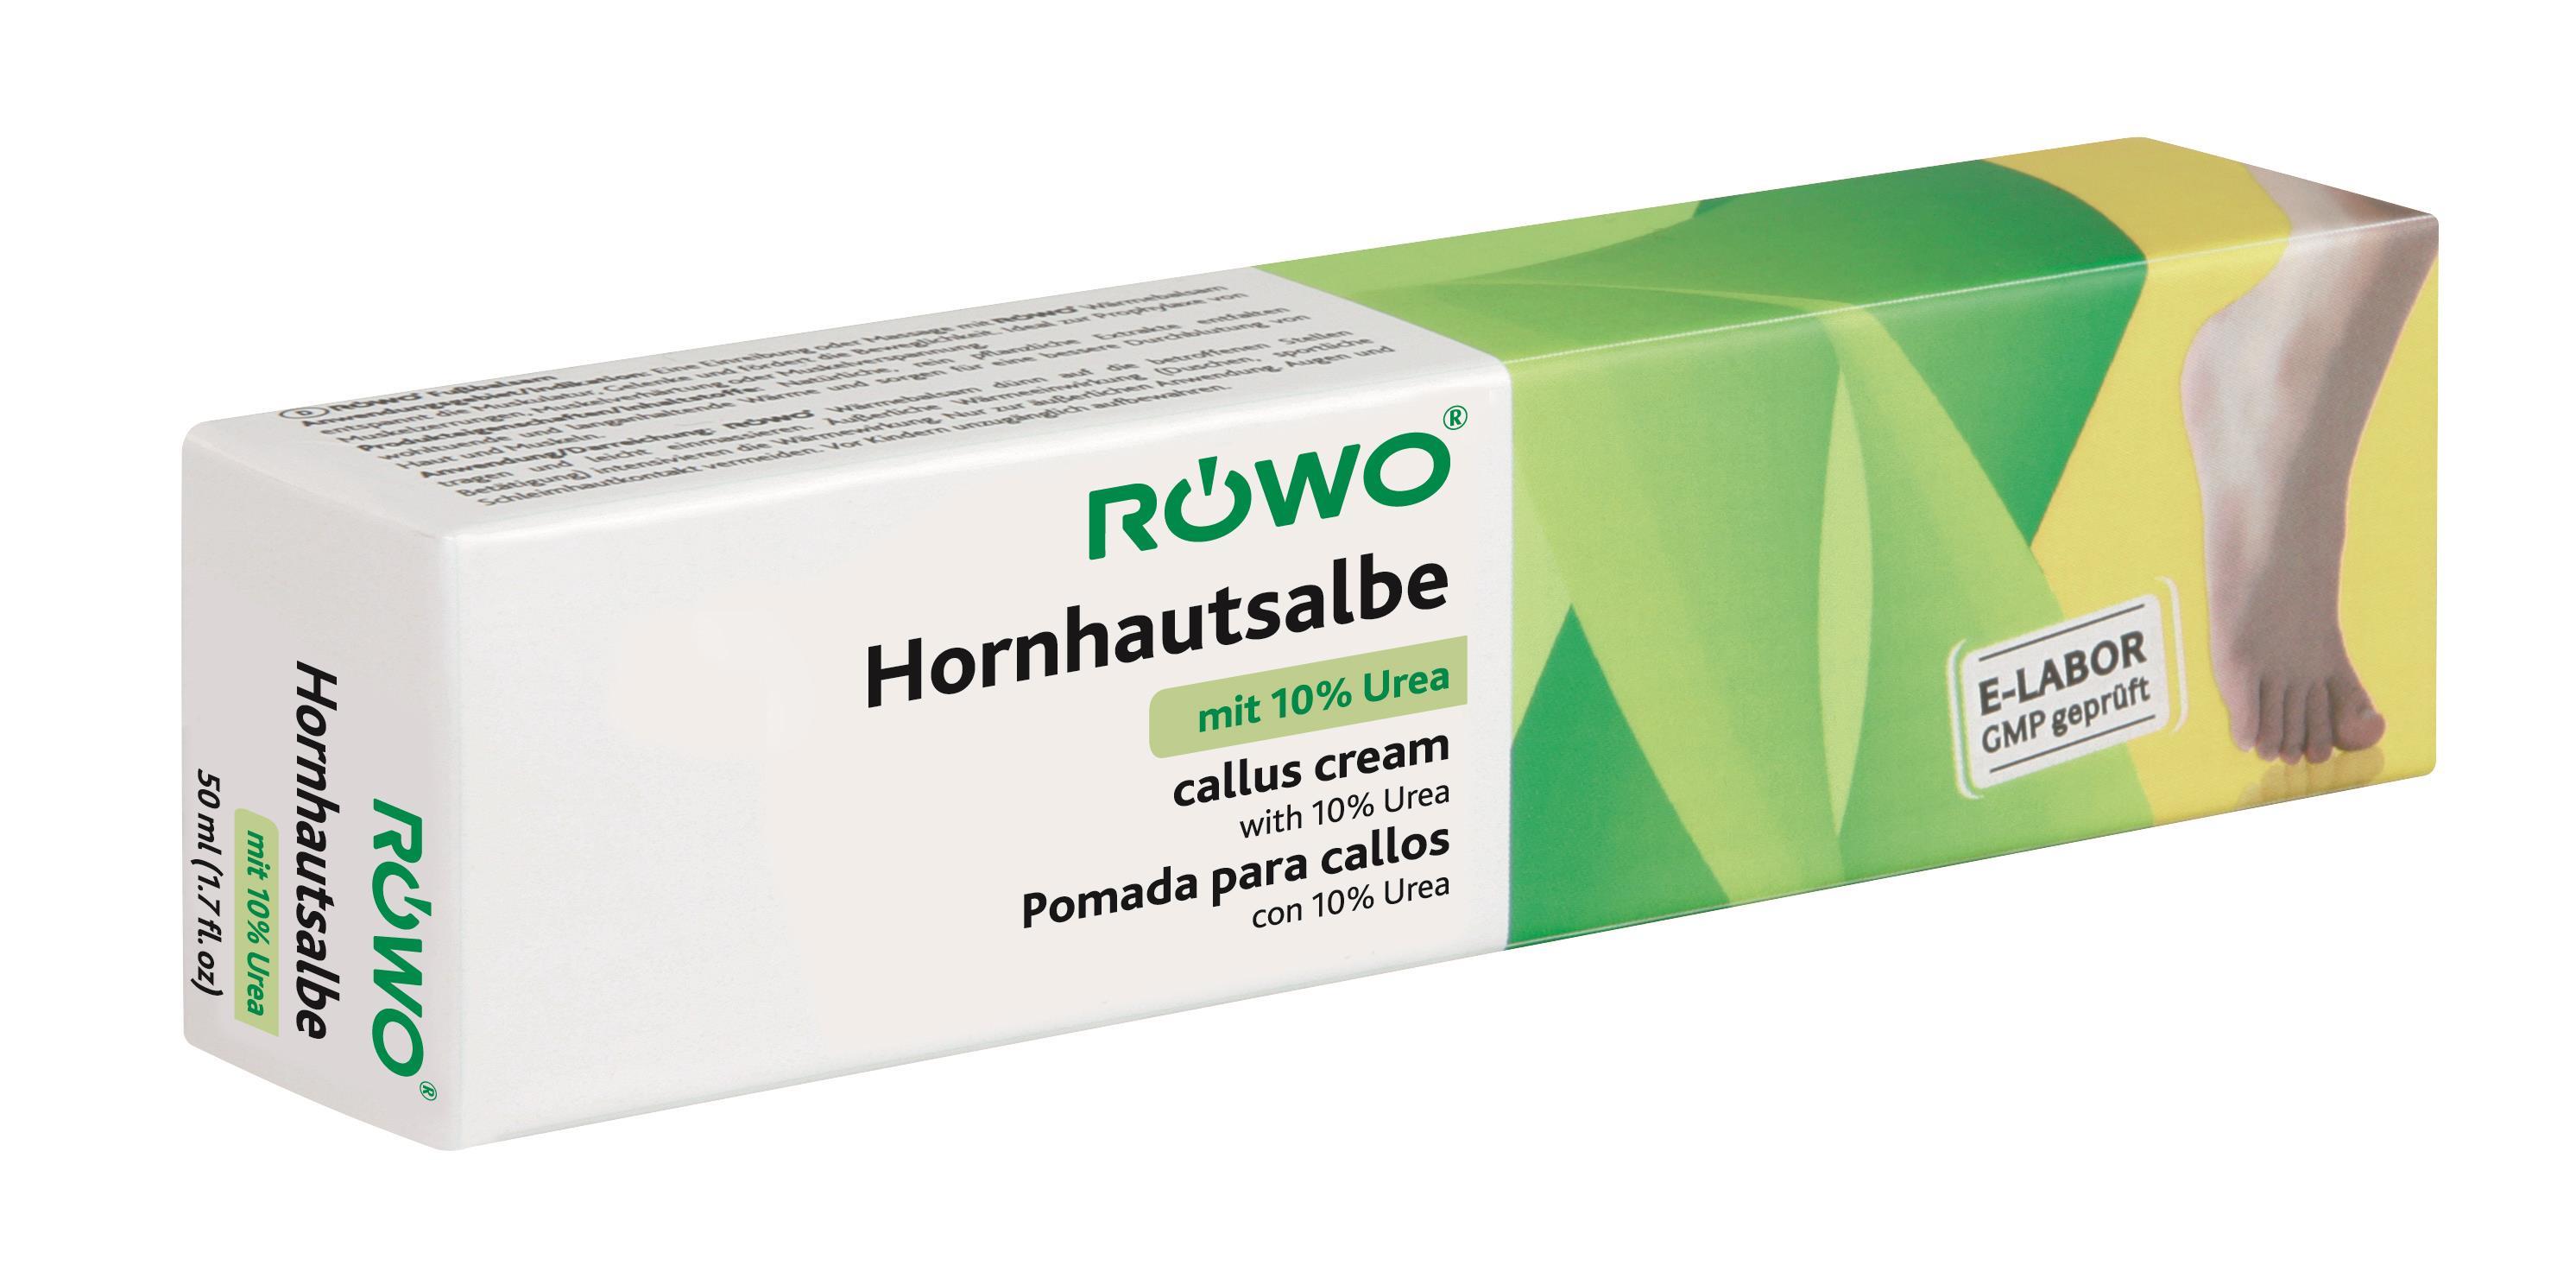 RÖWO Hornhautsalbe